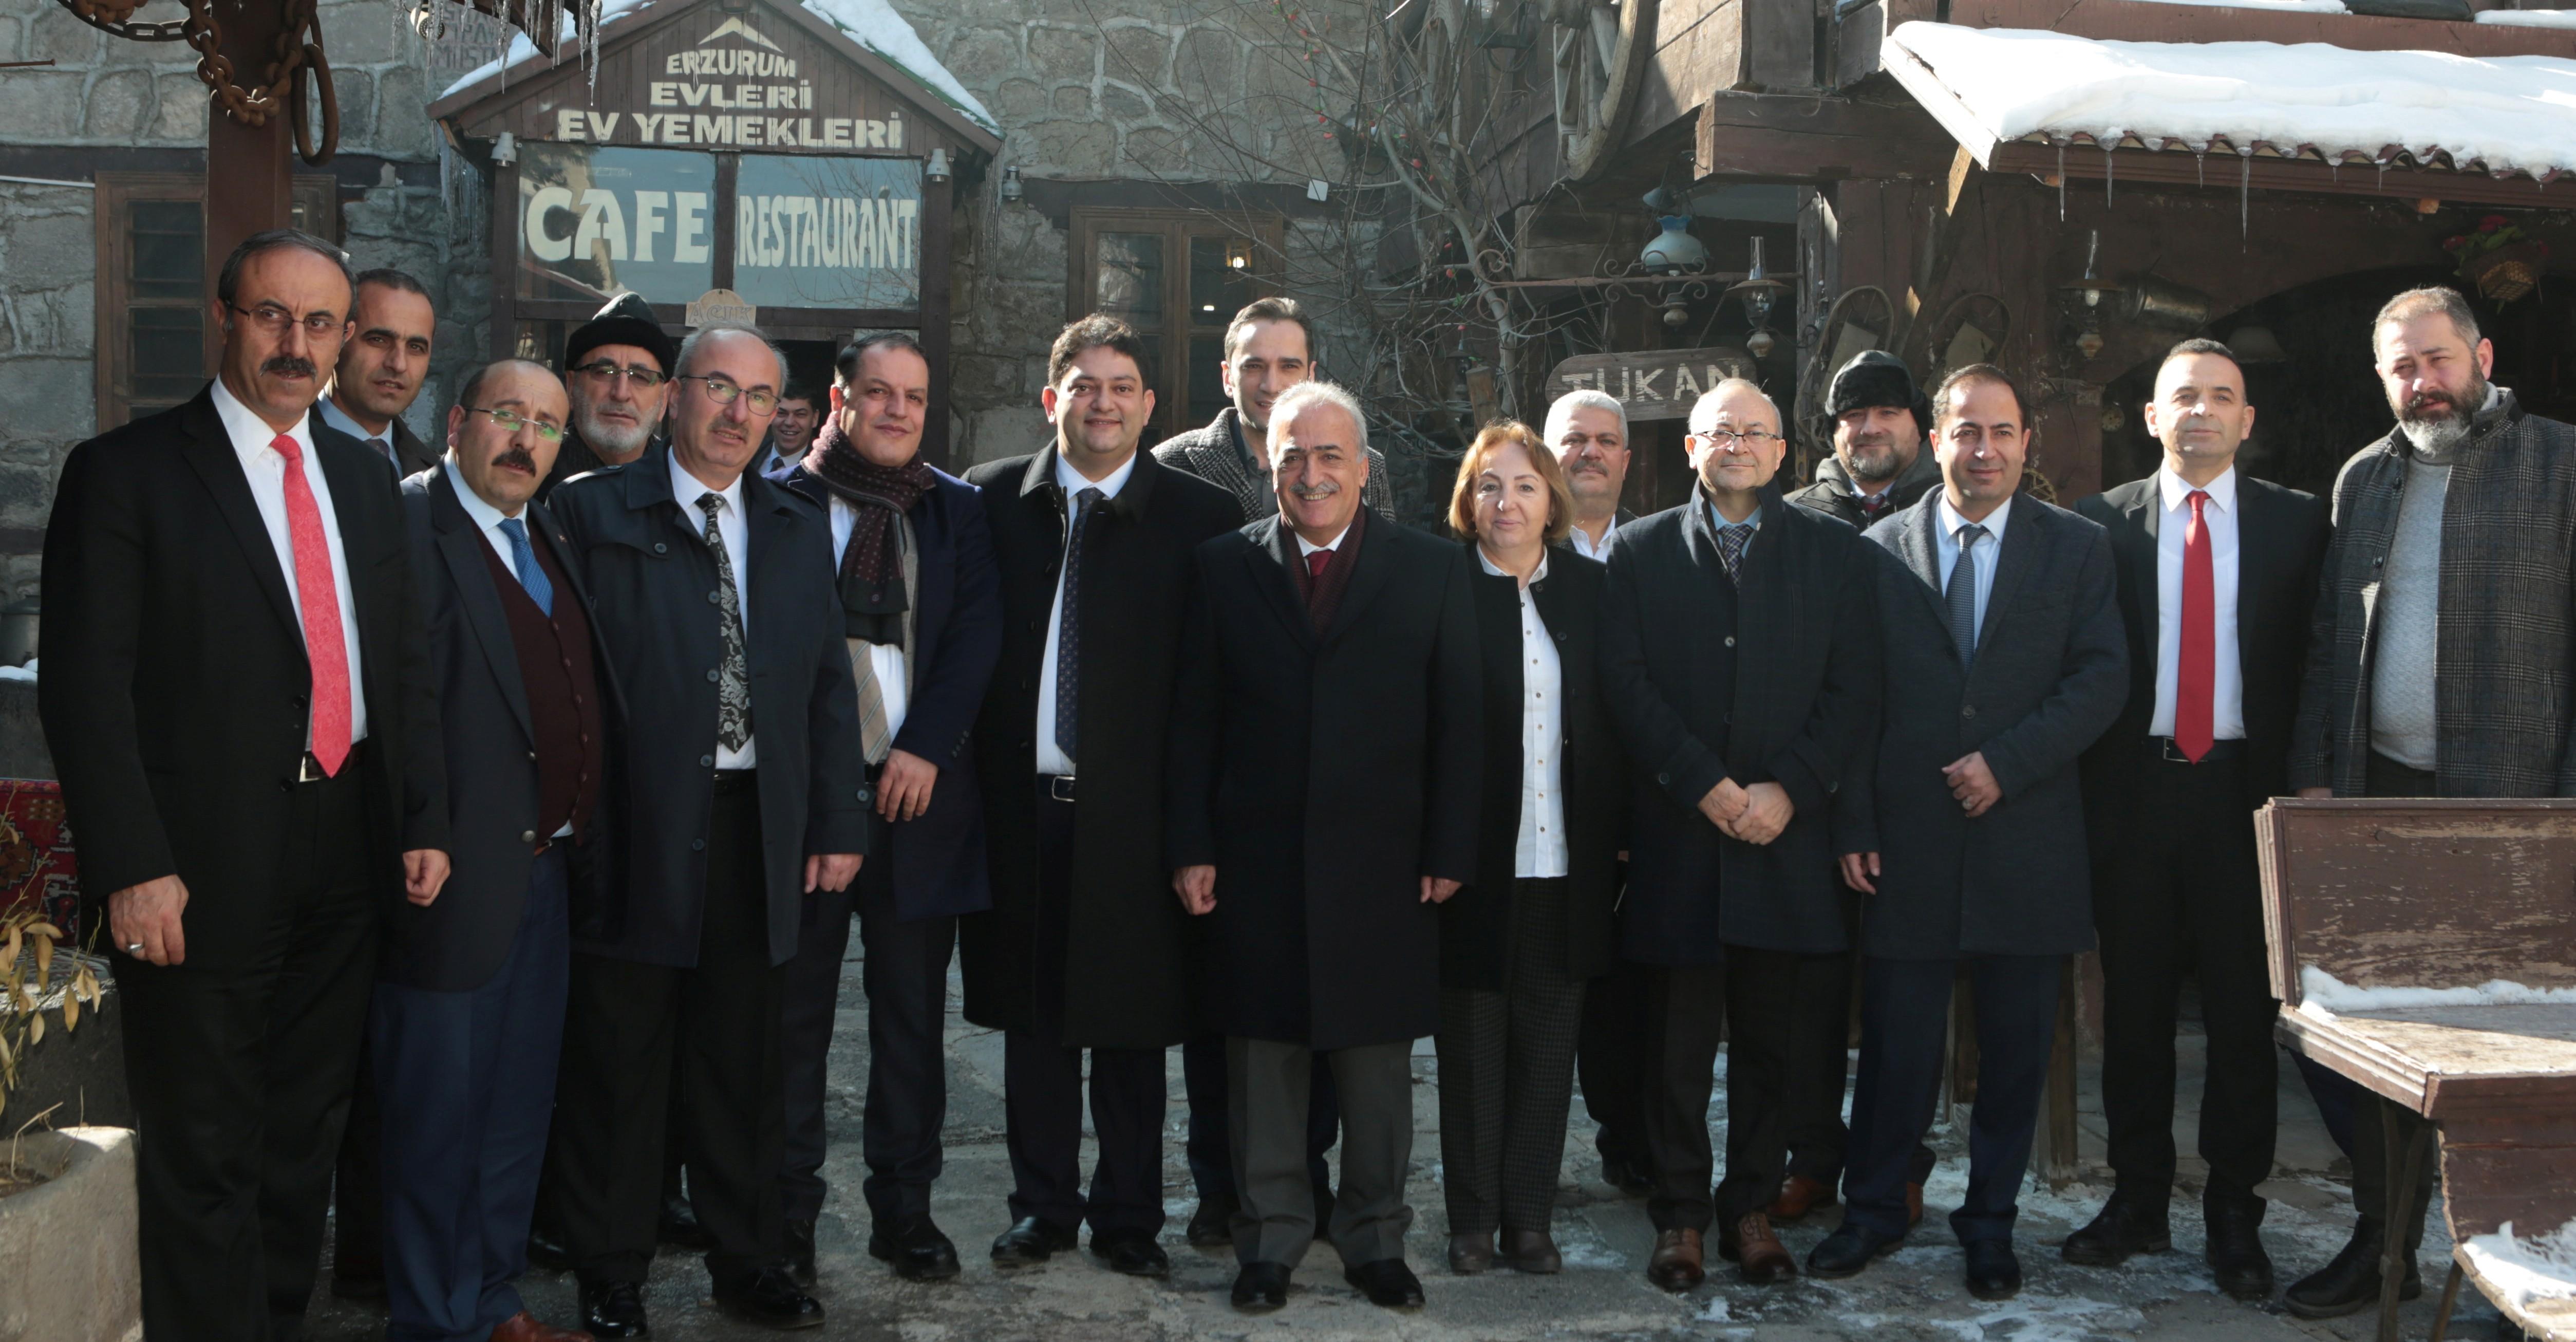 Rektör Çomaklı, Erzurum Ticaret Borsasına konuk oldu